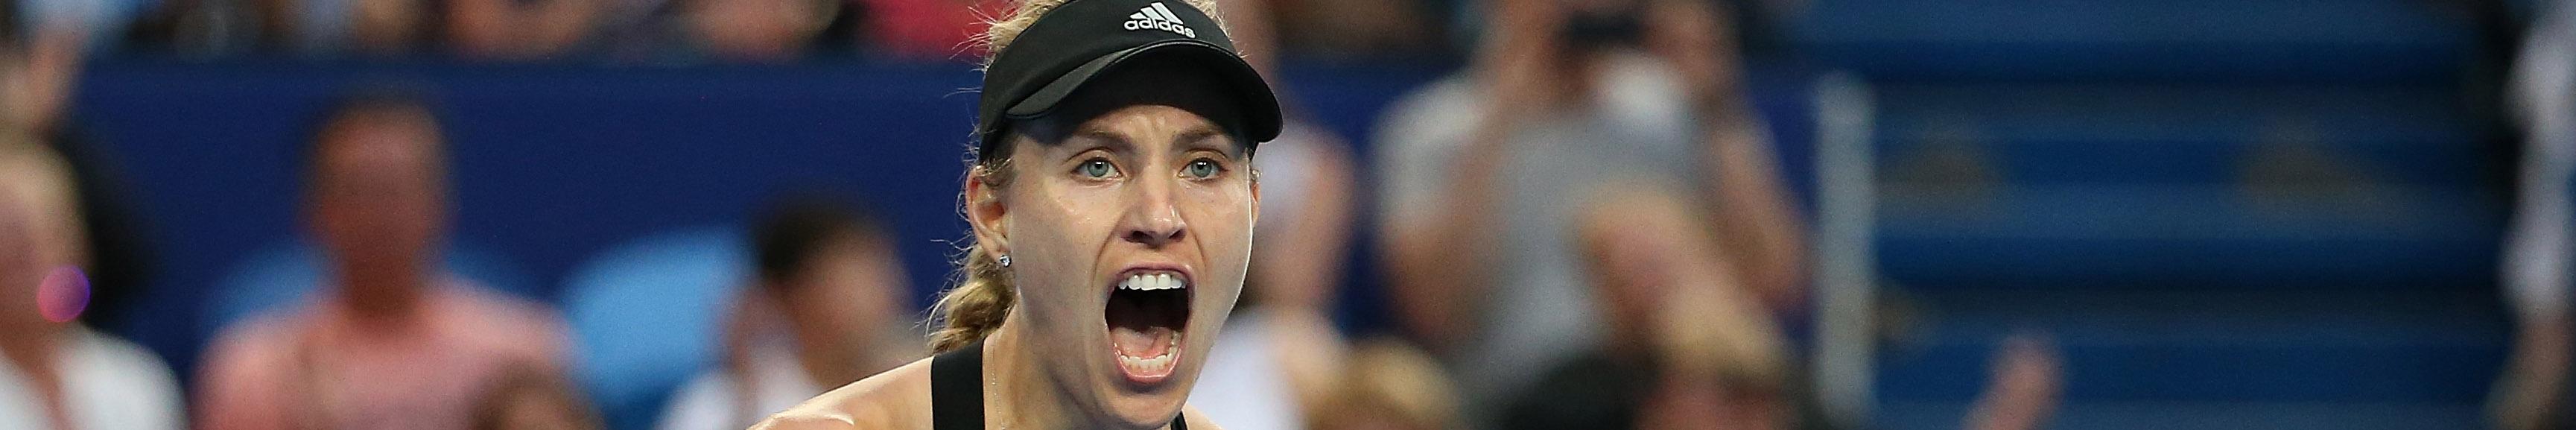 Angelique Kerber: Wieder Favoritin bei den Australian Open